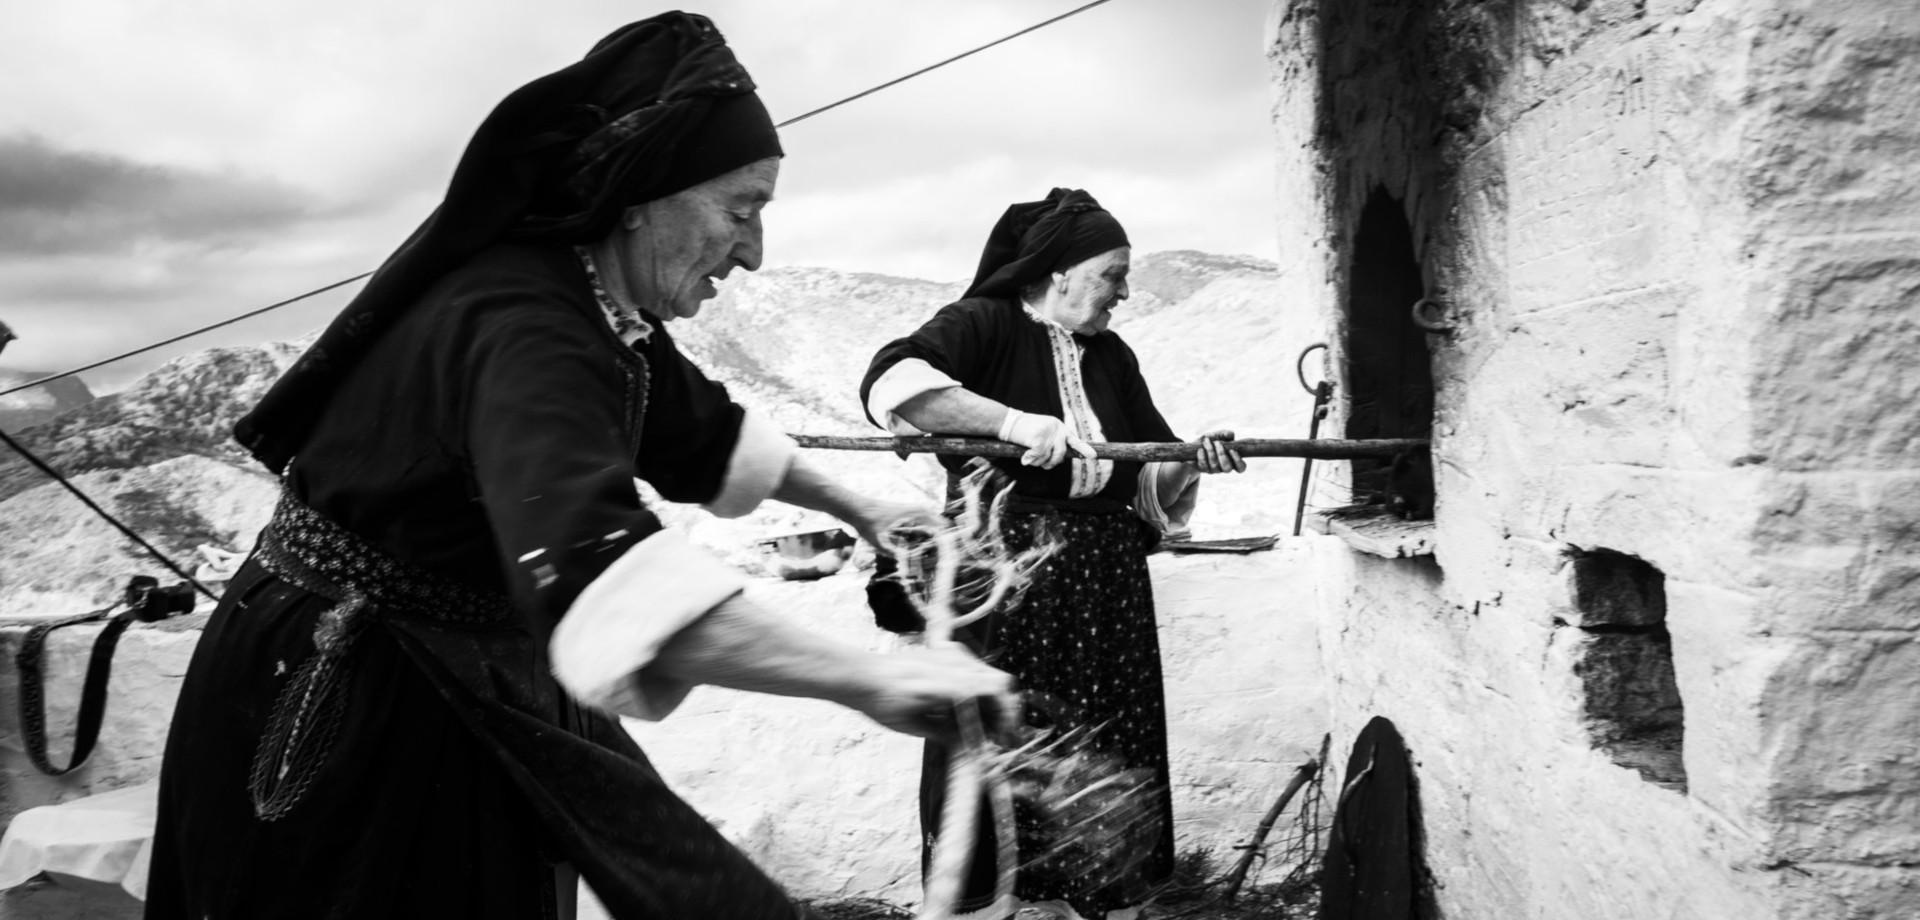 Karpathos women dominate